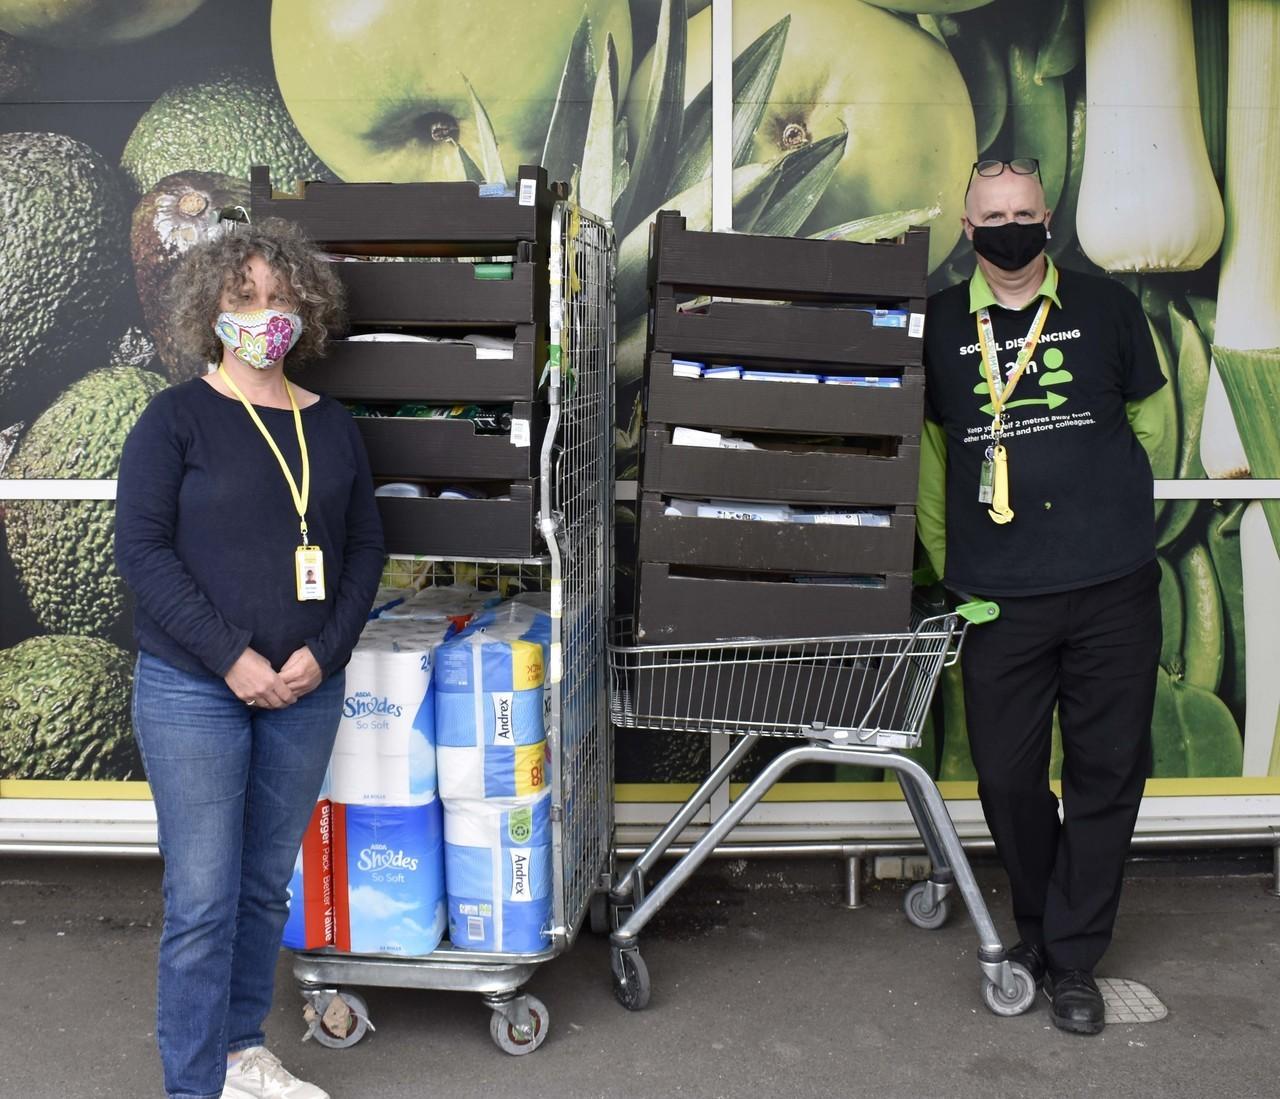 Hygiene bank donation | Asda Bideford